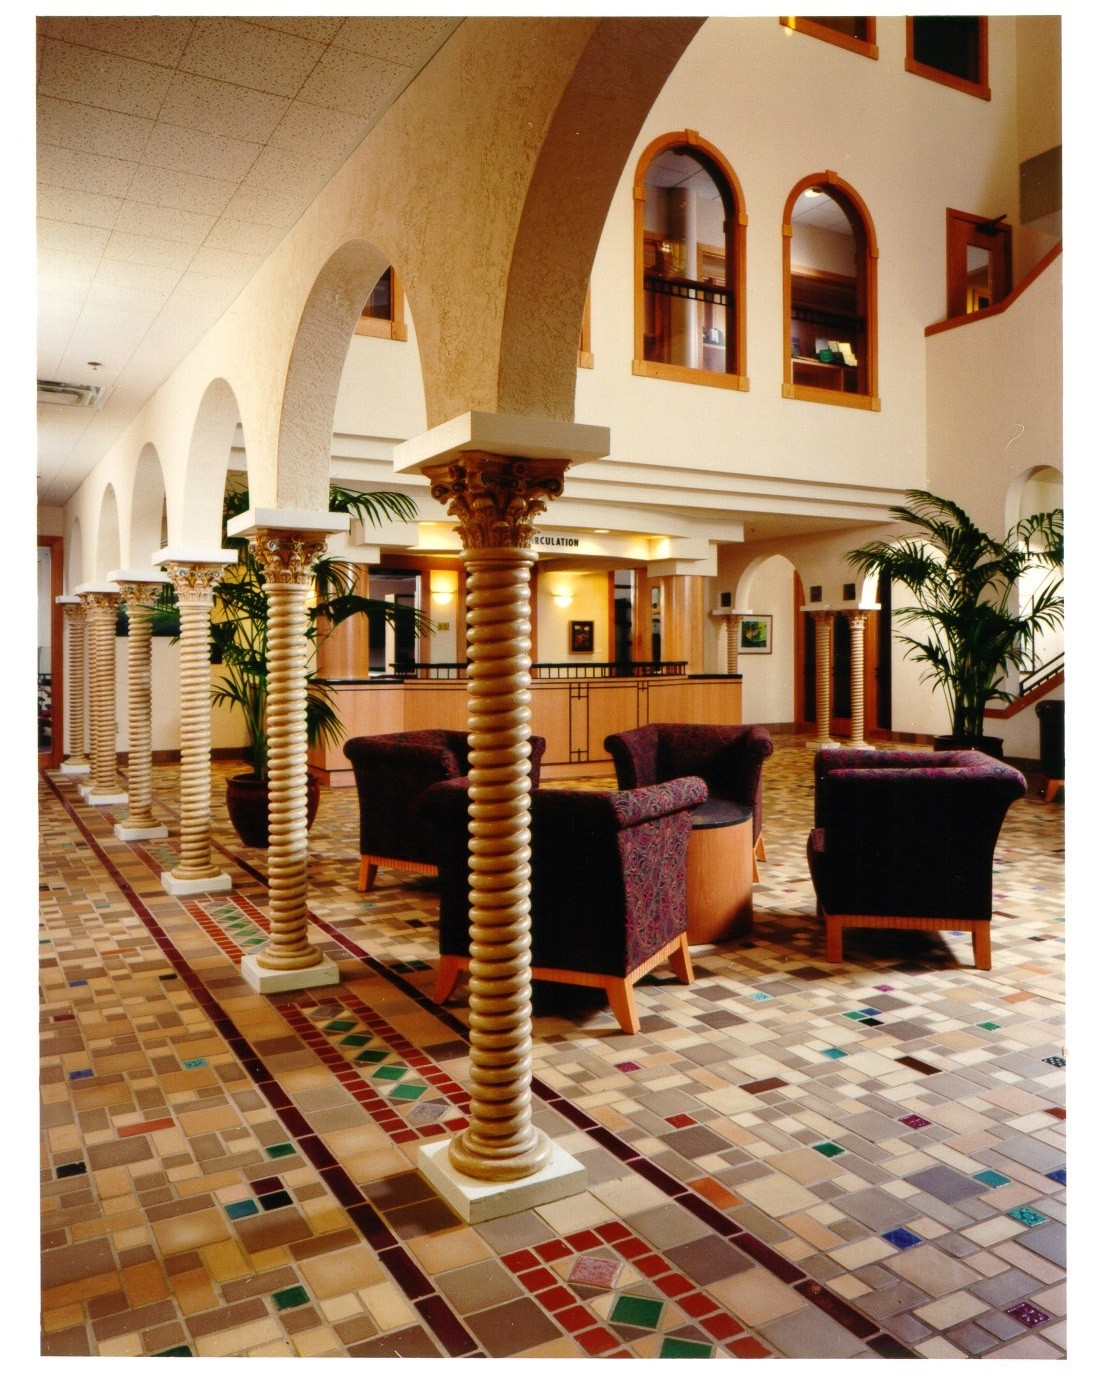 stet-lobby-300dpi